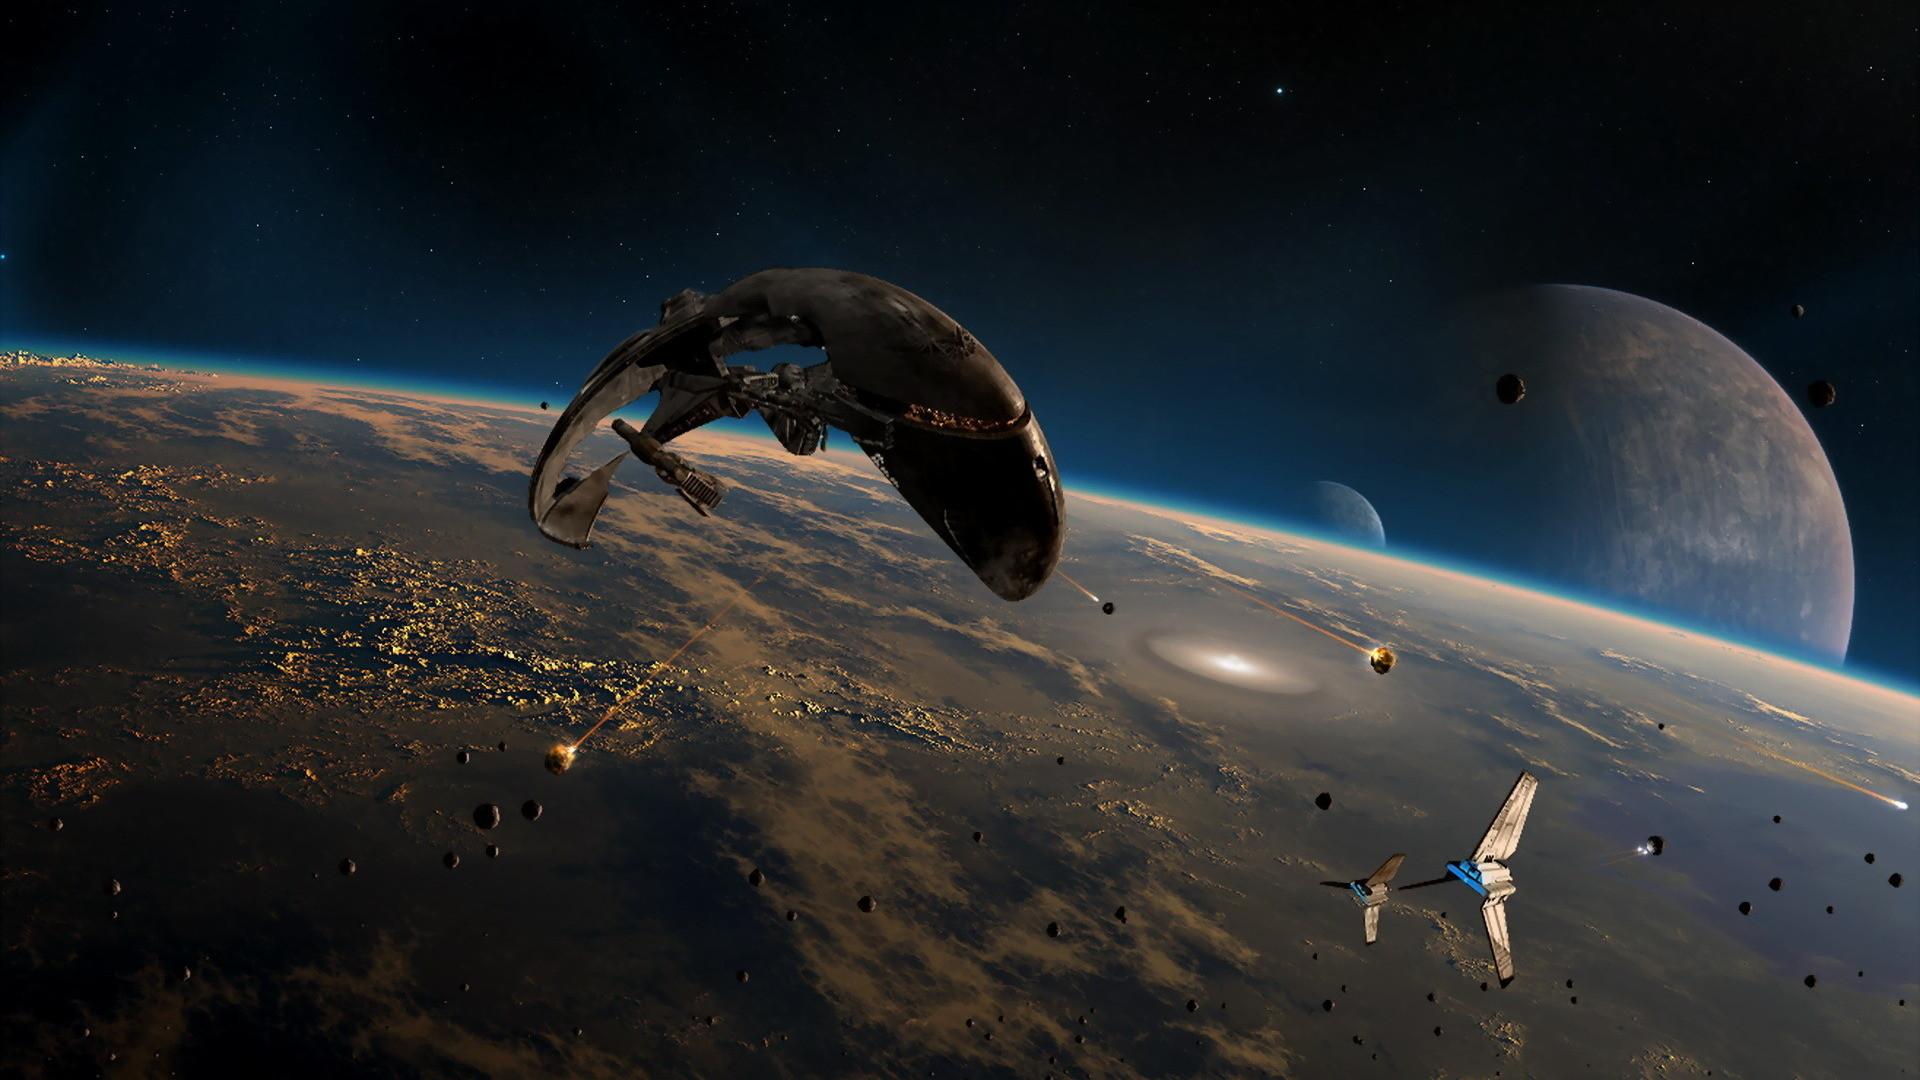 star wars wallpaper for desktop 4E8